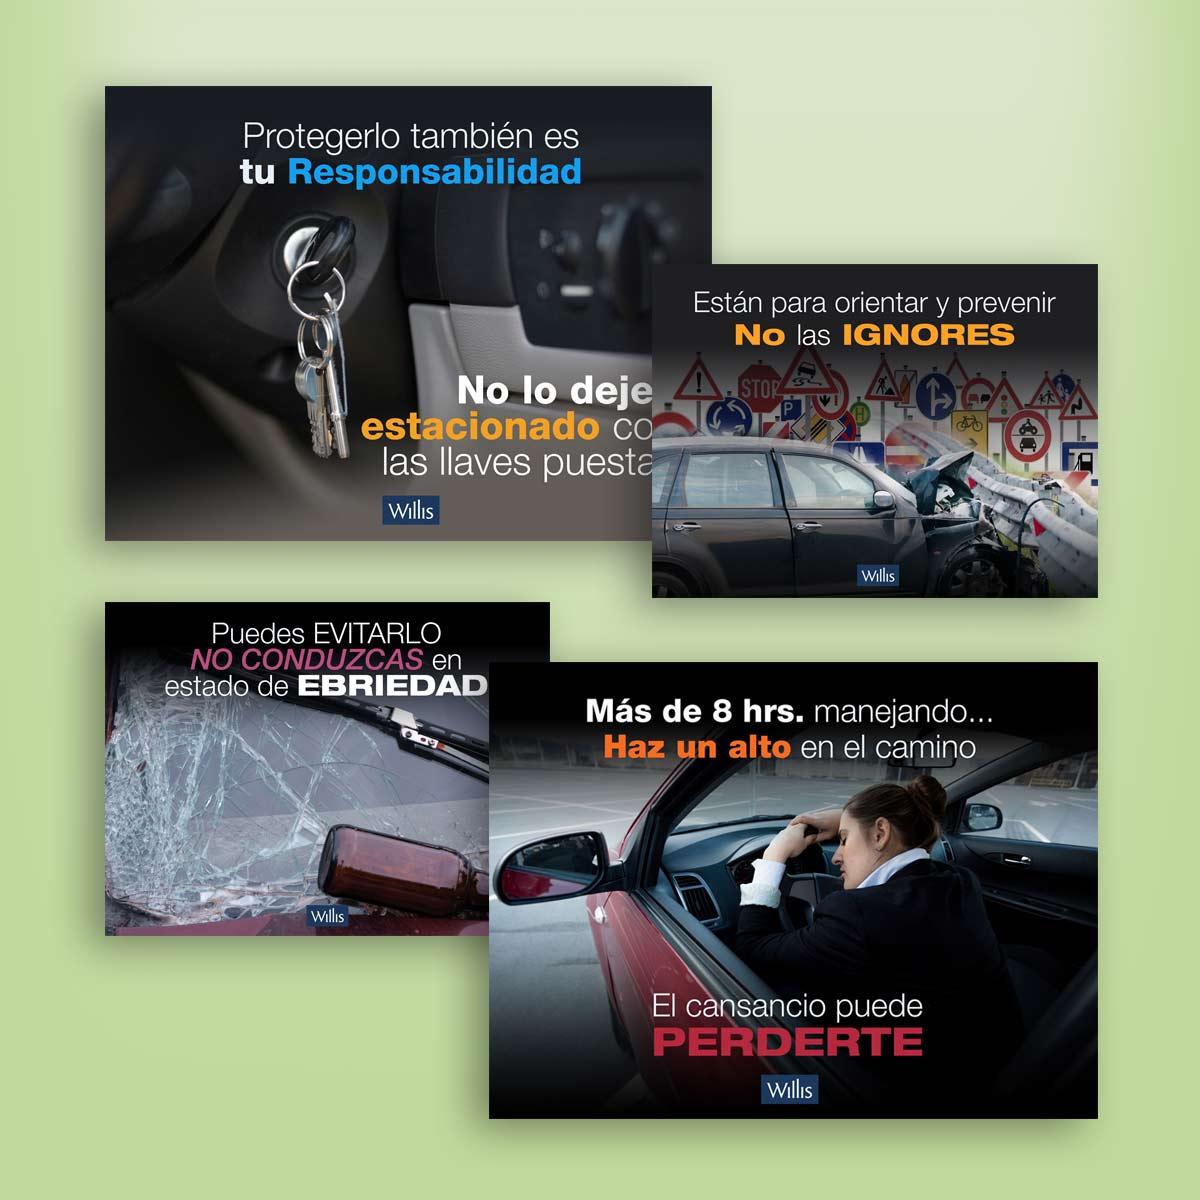 diseño de campaña preventiva